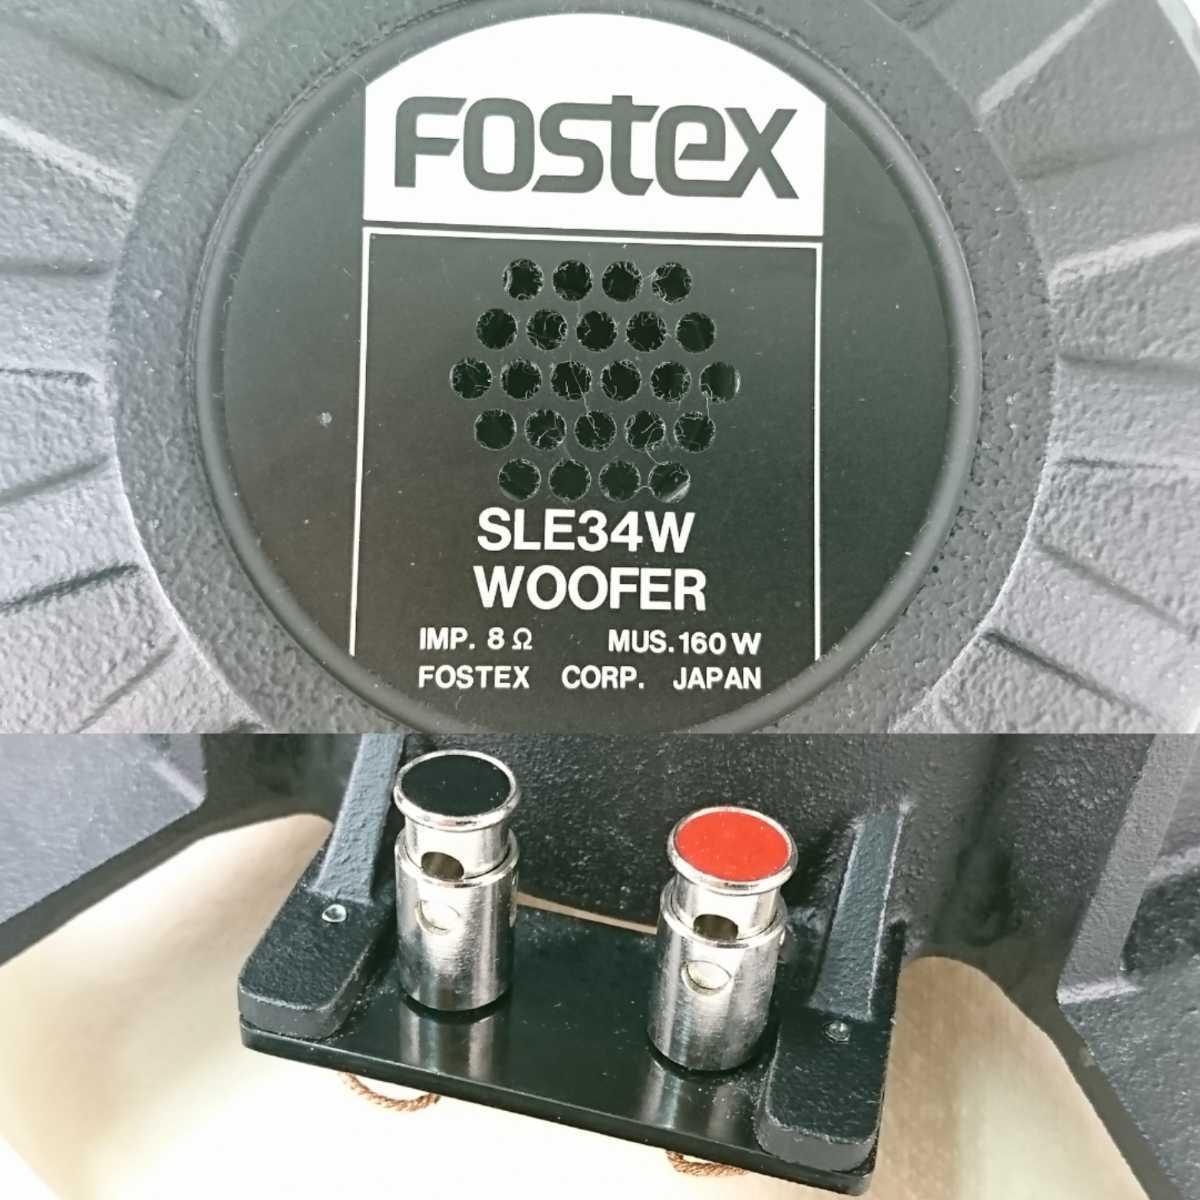 【BK-105】 ★動作確認済み★ Fostex フォステックス エッジレス ウーハー SLE34W WOOFER ウーファー 30cm ペア 2個_画像9